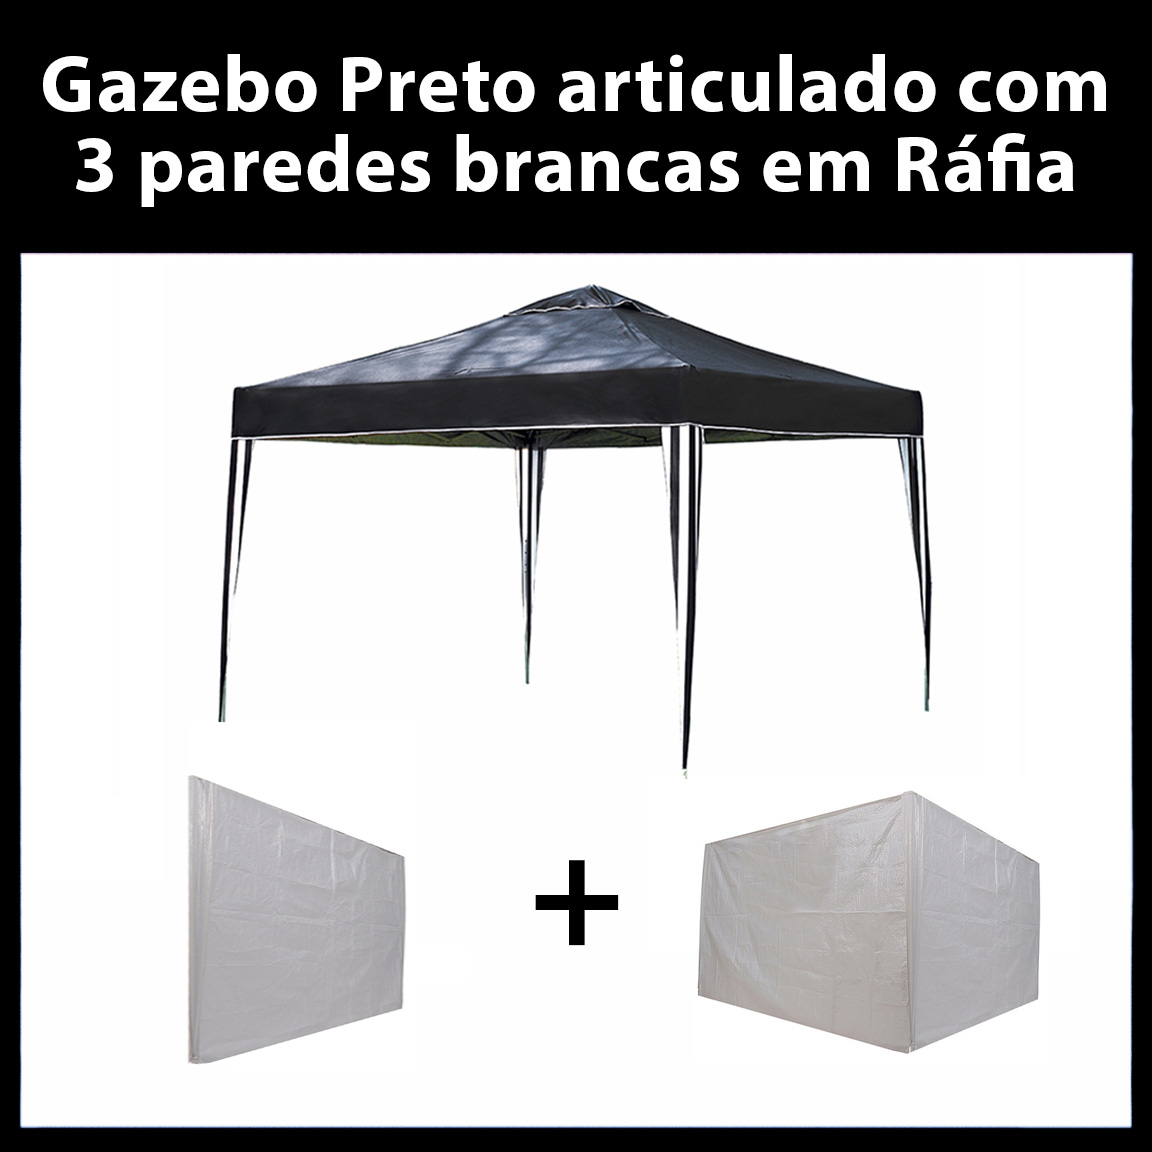 Gazebo 3x3 Articulado Preto em Aço + 3 Paredes Brancas de Ráfia Eleva Mundi